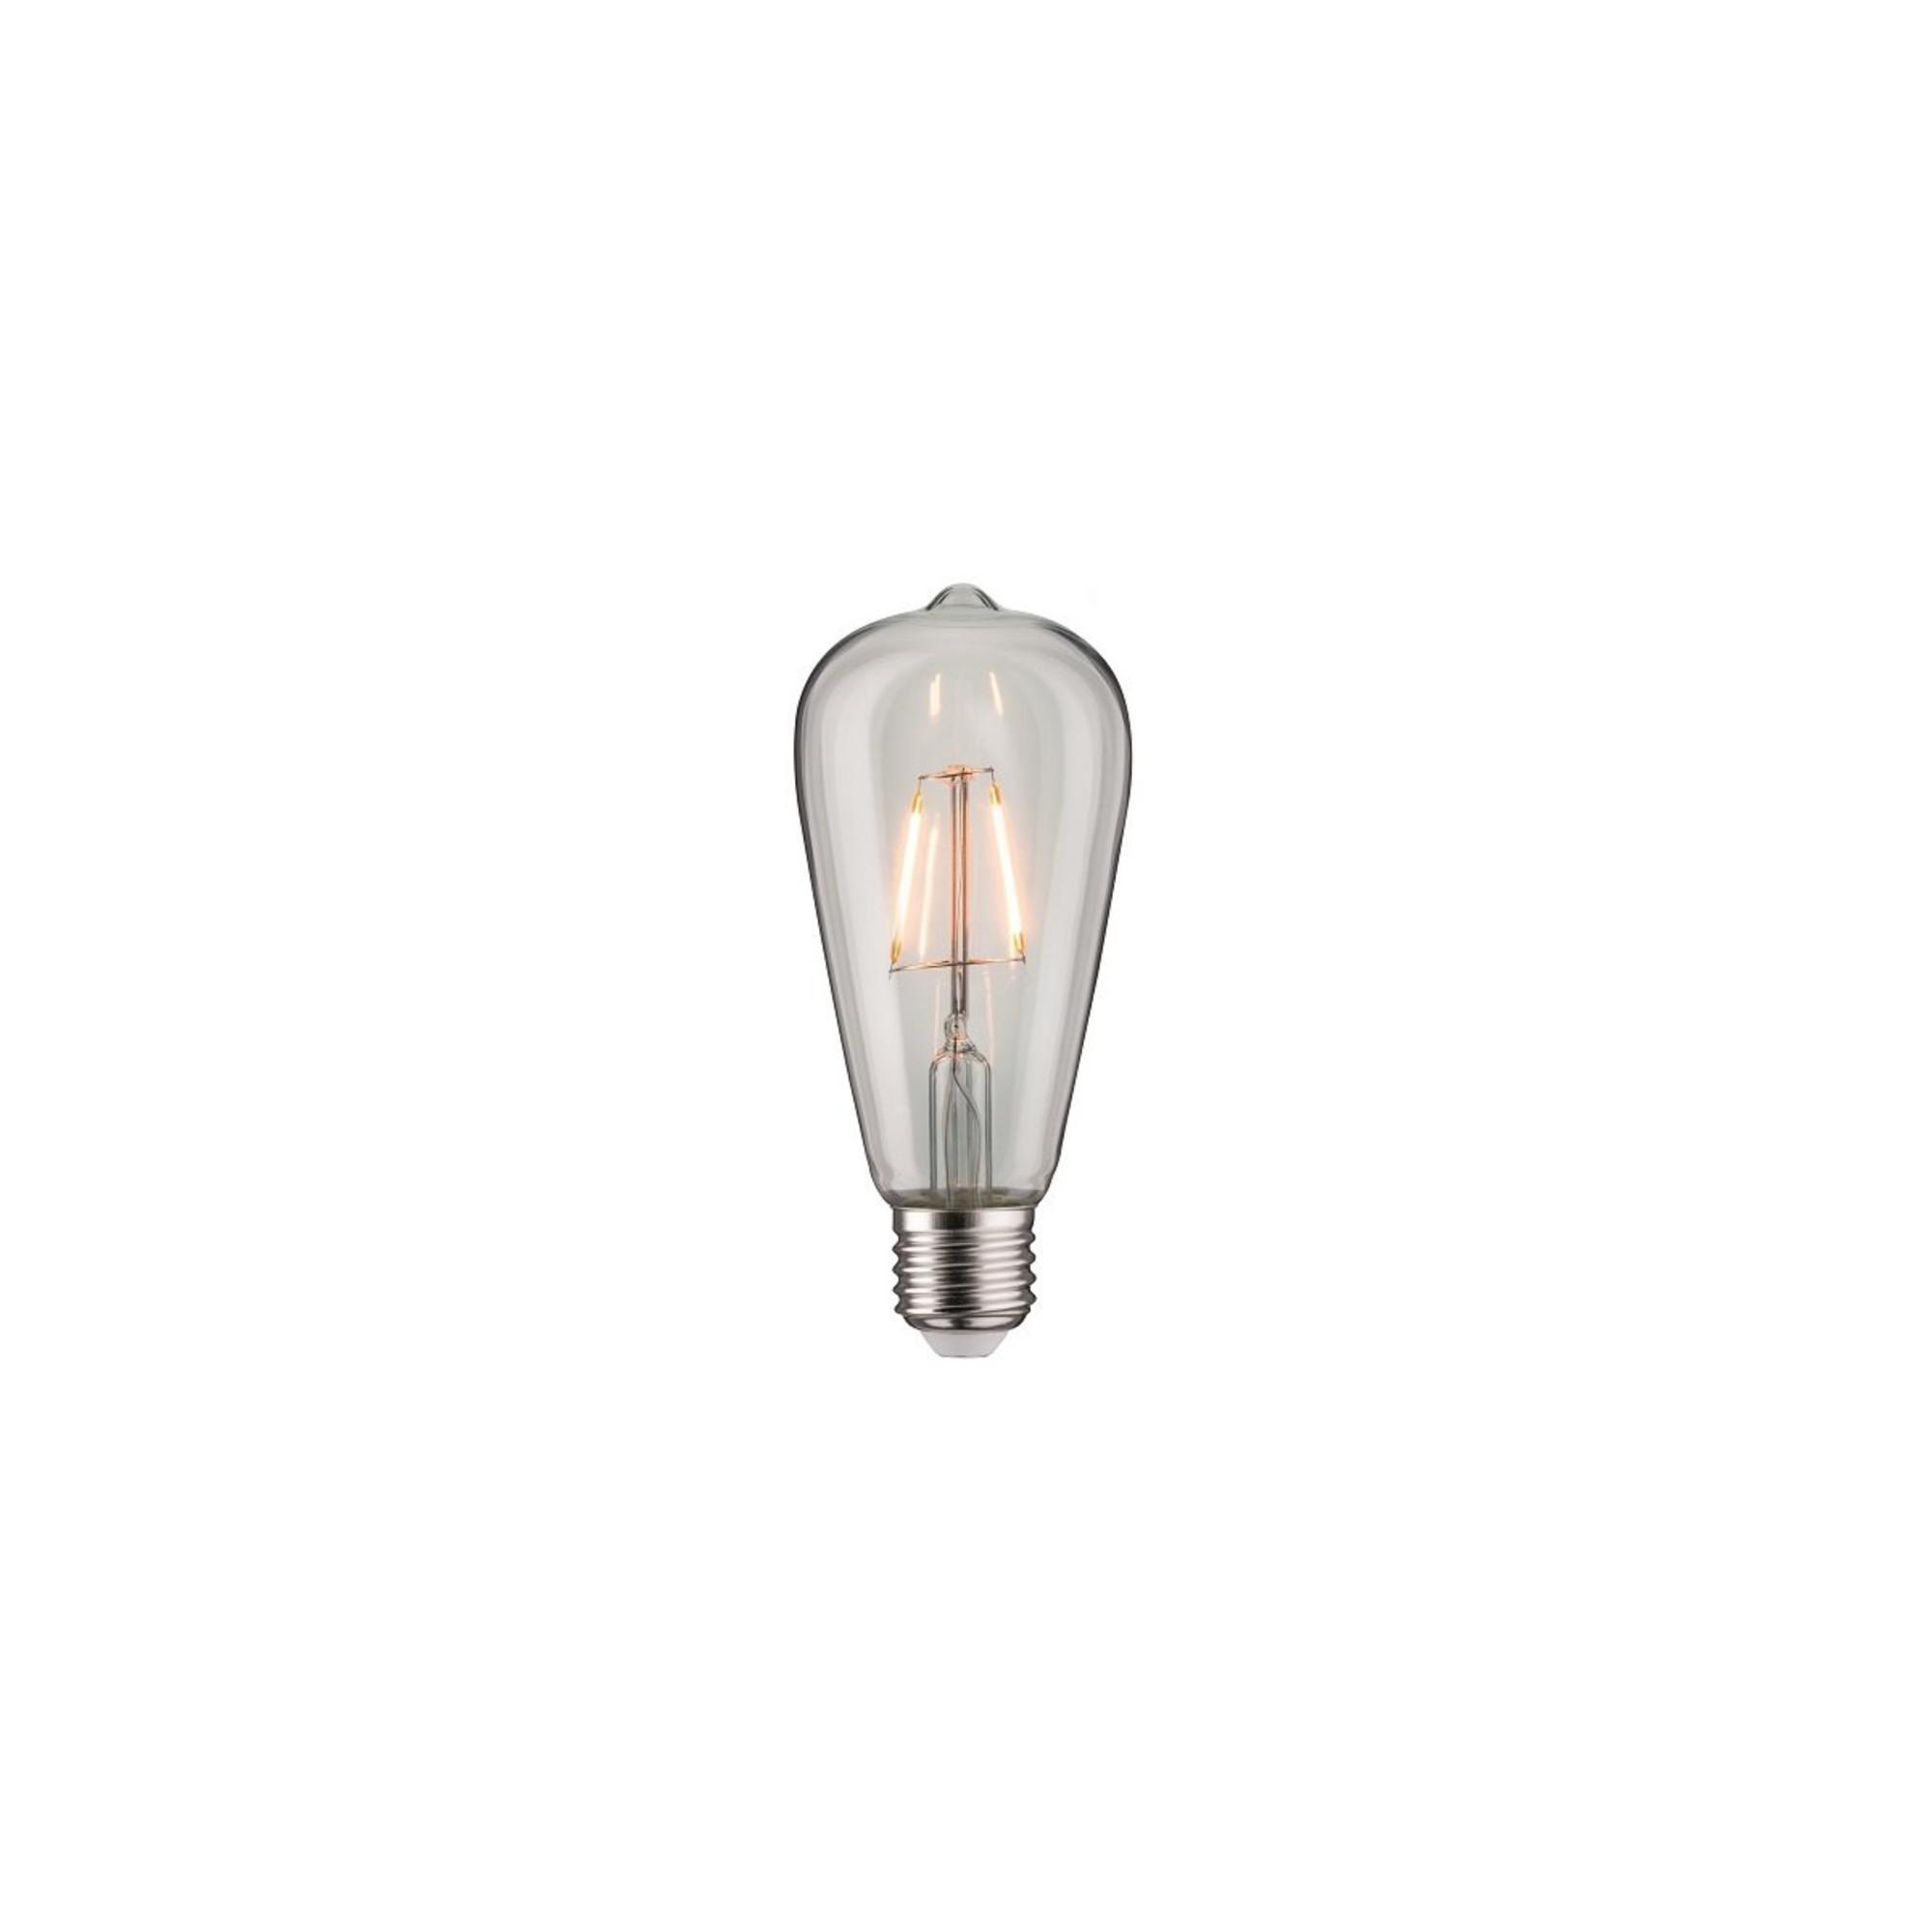 Лампа филаментная Paulmann Vintage ST64 2.5Вт 180лм 1800К E27 230В Прозрачный 28404.